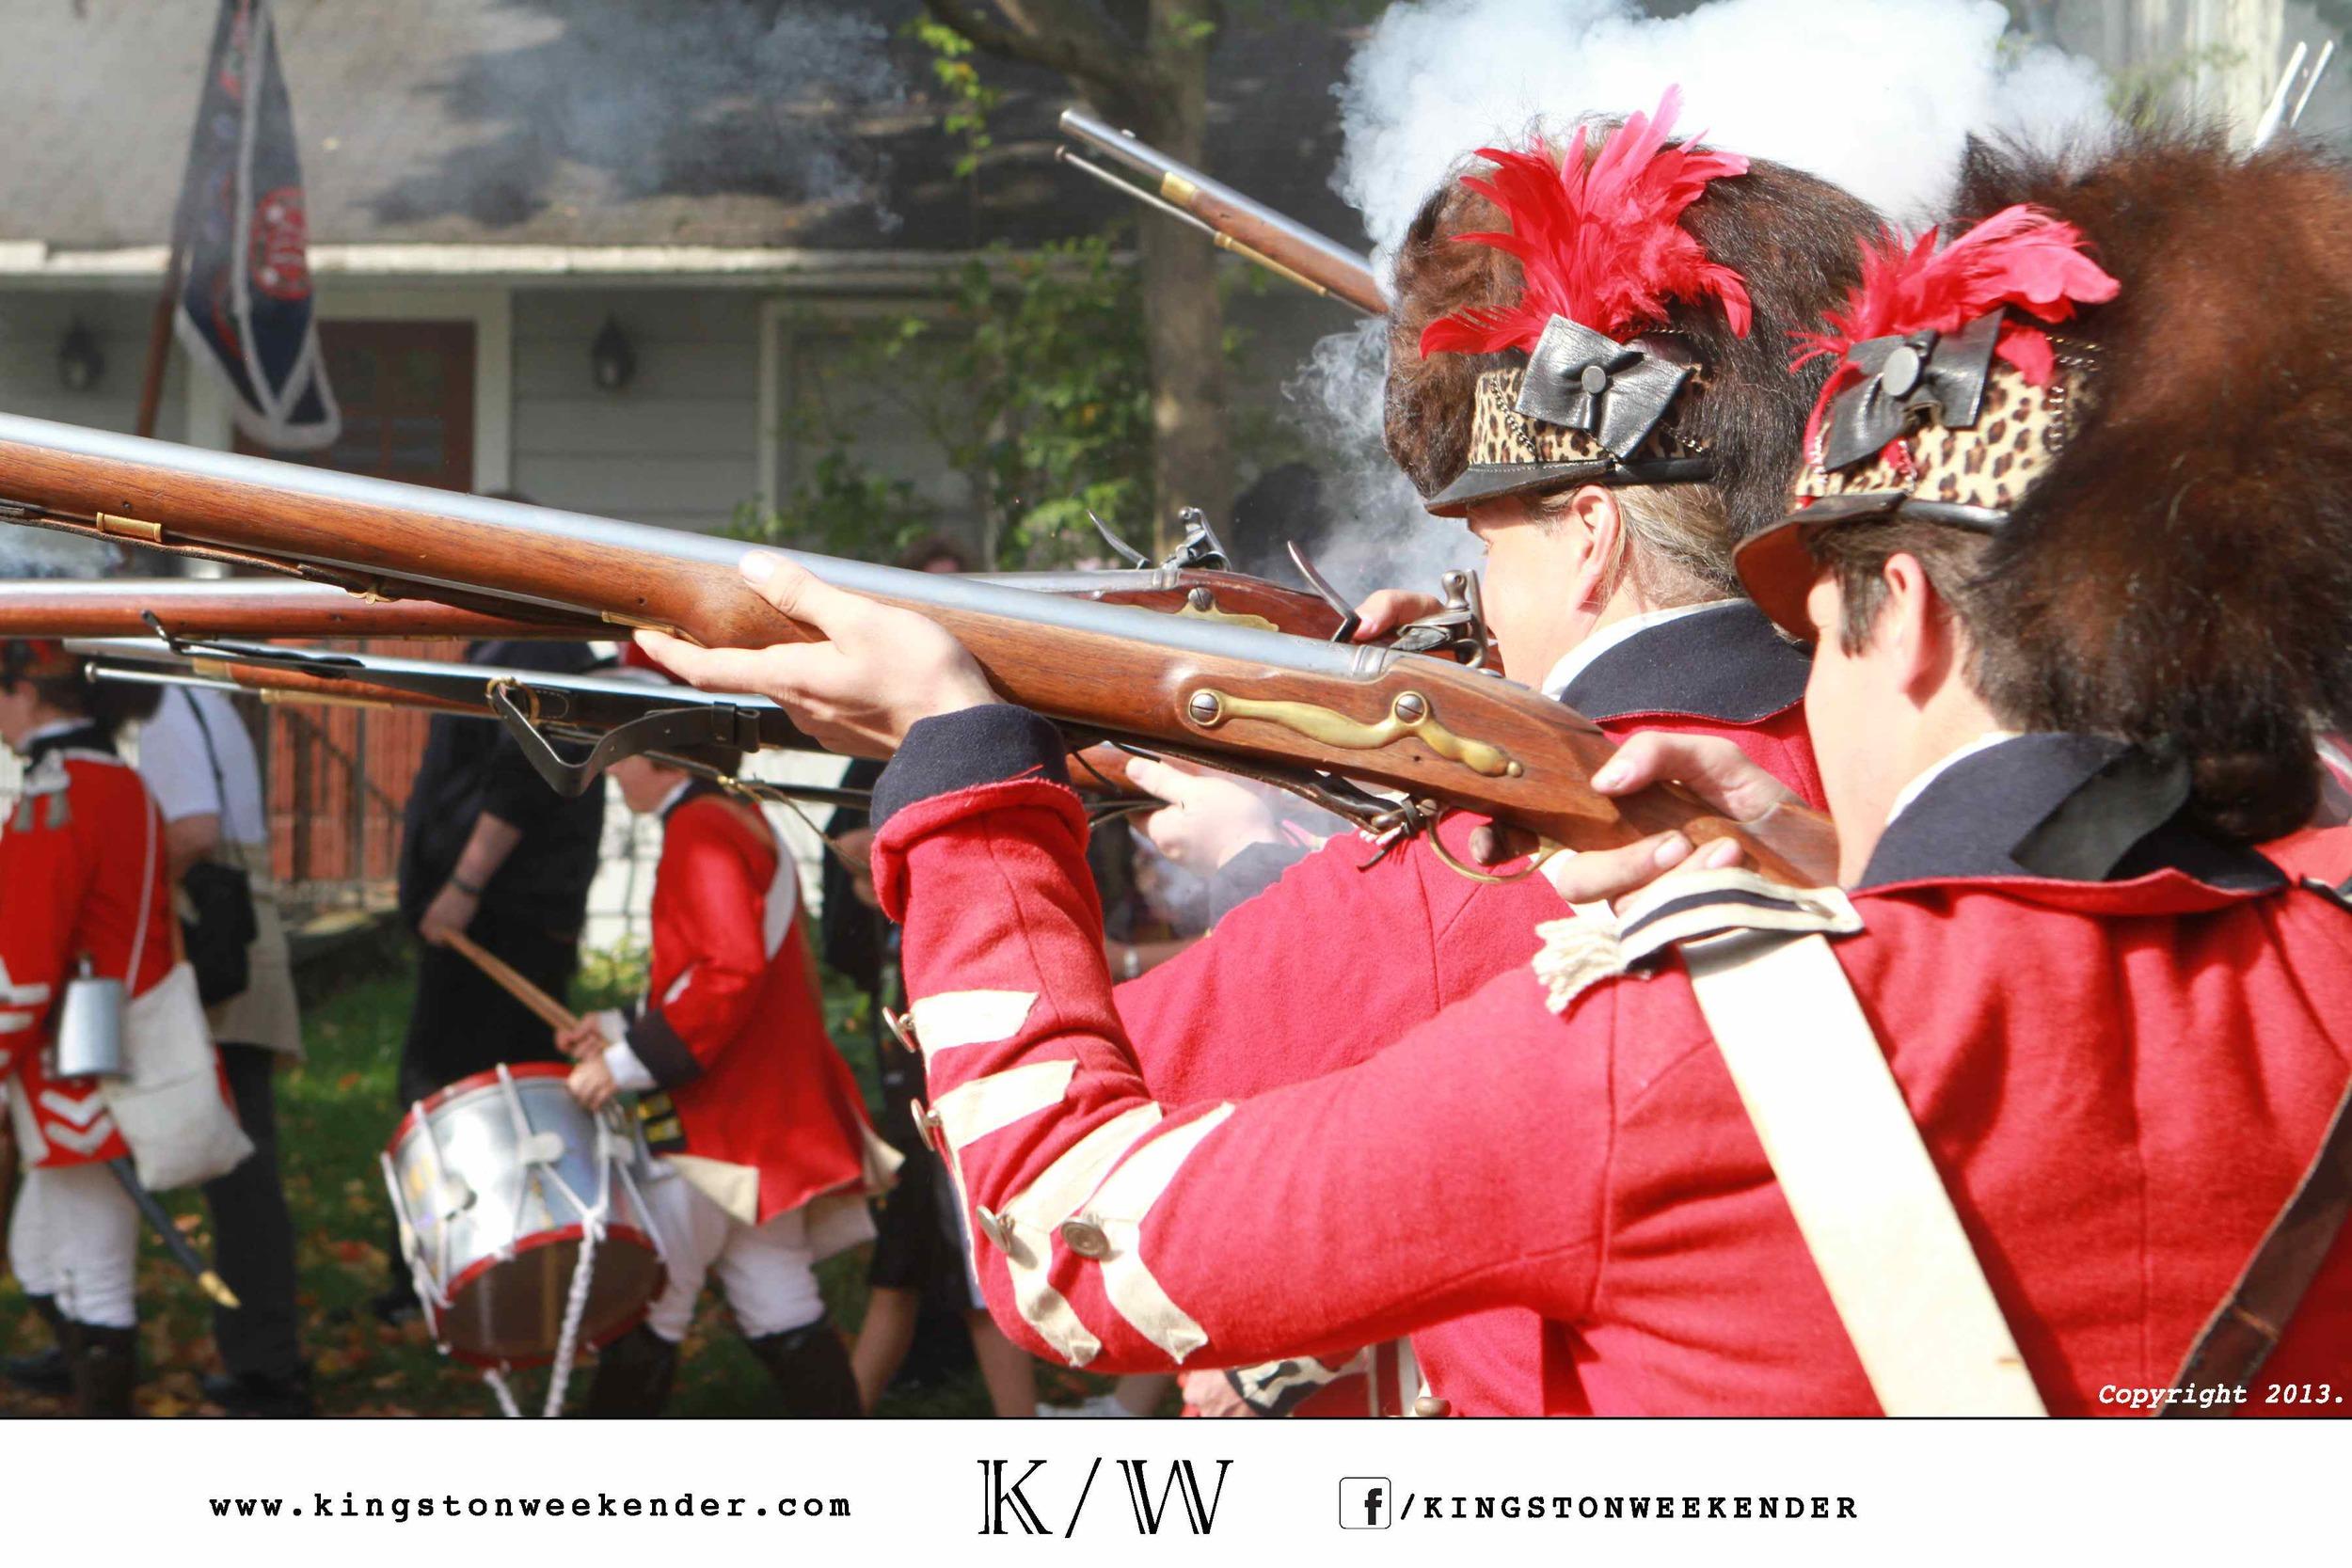 kingston-weekender-photo-credits43.jpg